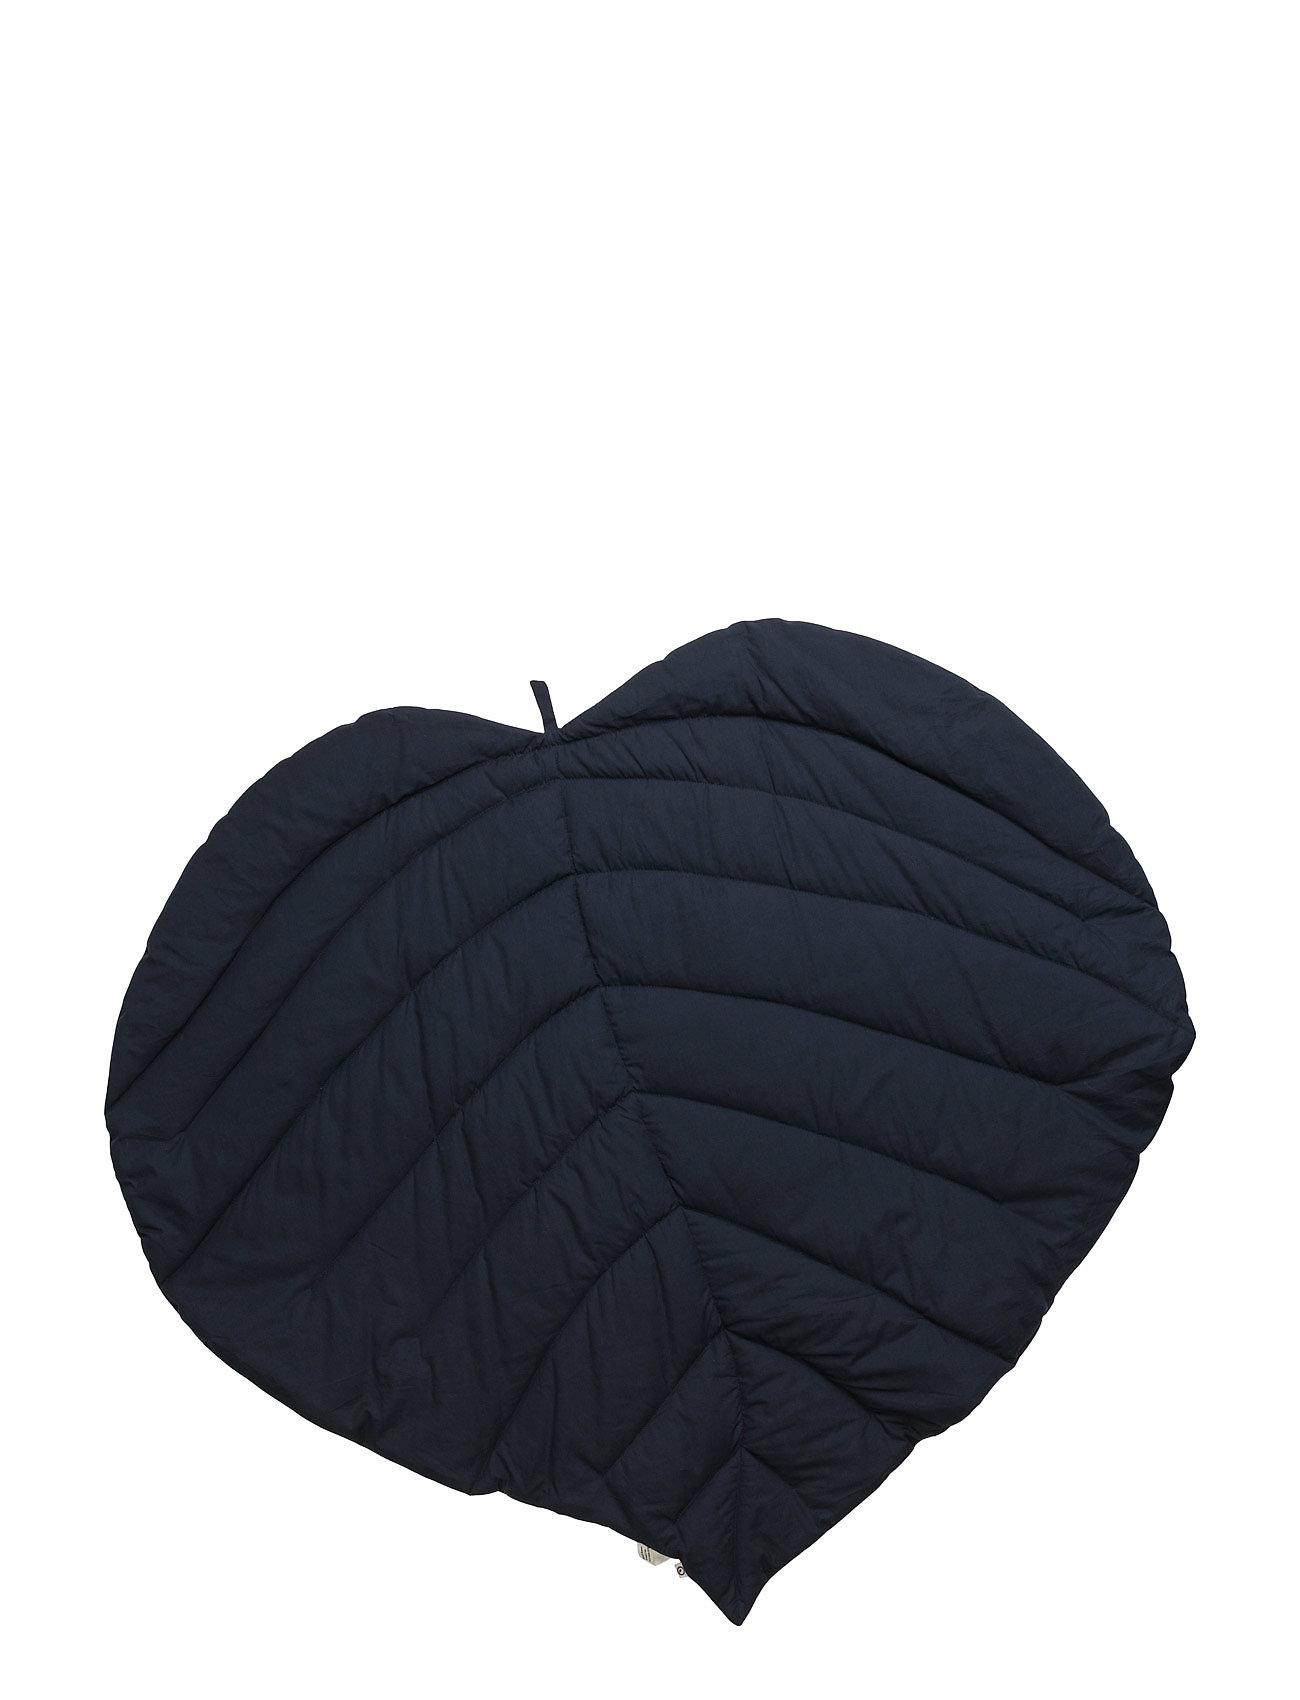 Leaf Blanket Müsli by Green Cotton Accessories til Børn i Navy blå